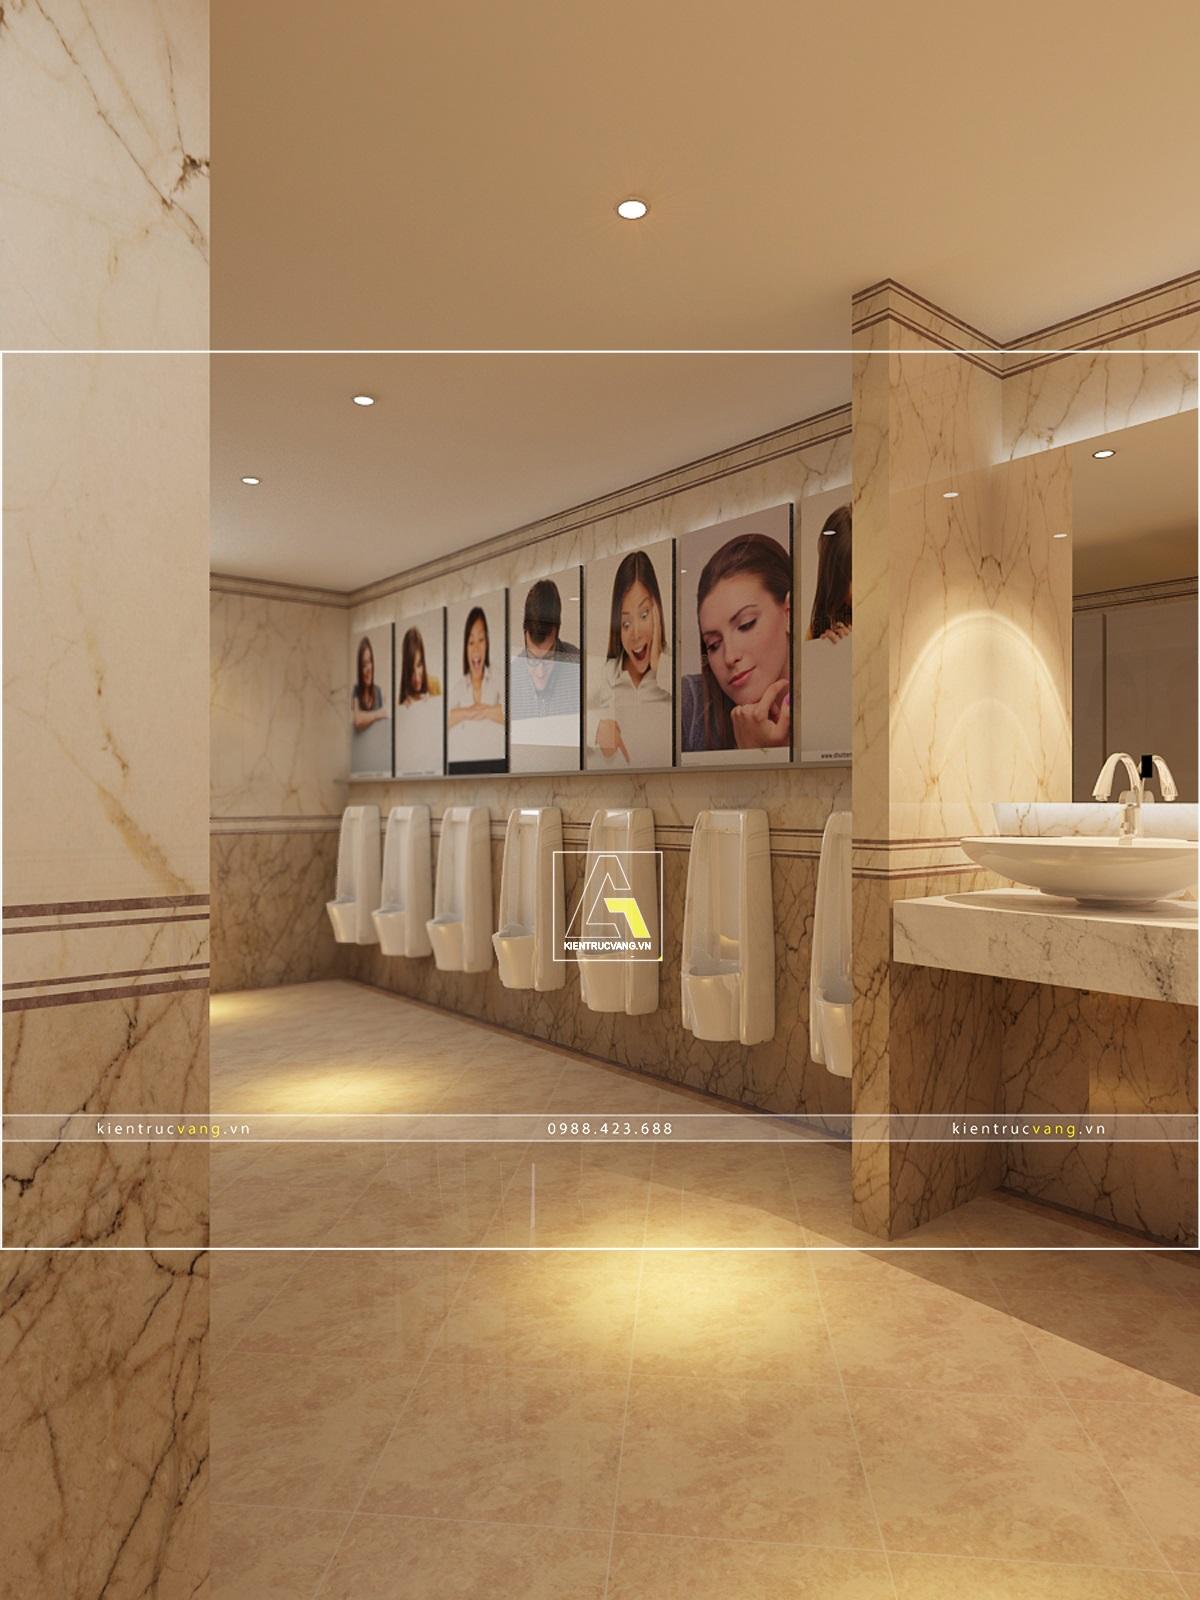 thiết kế nội thất Văn Phòng tại Hà Nội Thiết kế nội thất văn phòng VTC Mobile Hà Nội 40 1530872973